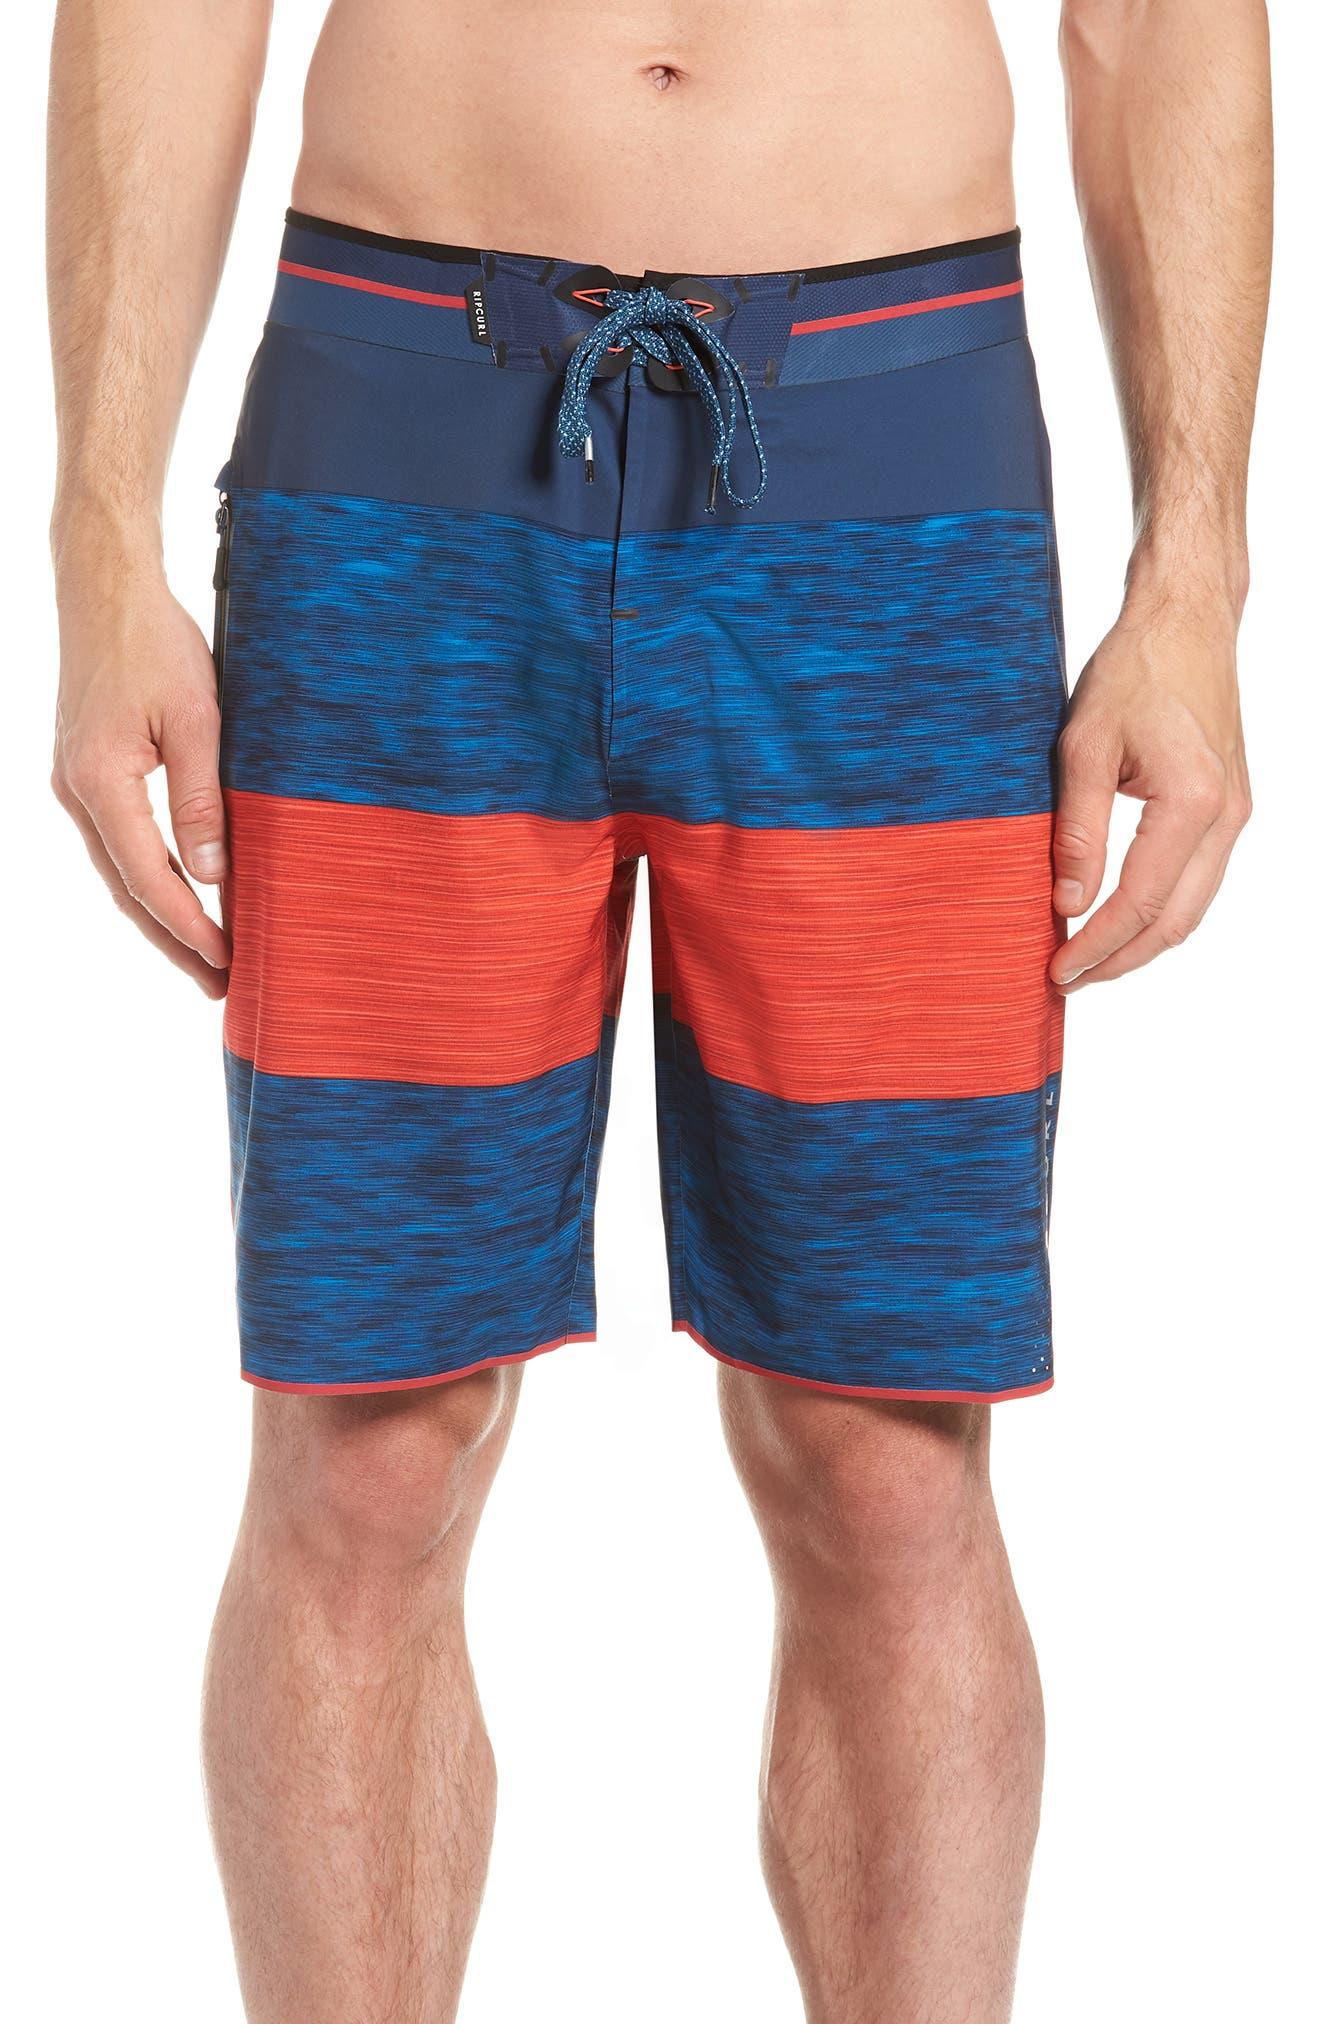 Mirage Bends Ultimate Board Shorts,                             Main thumbnail 1, color,                             Navy